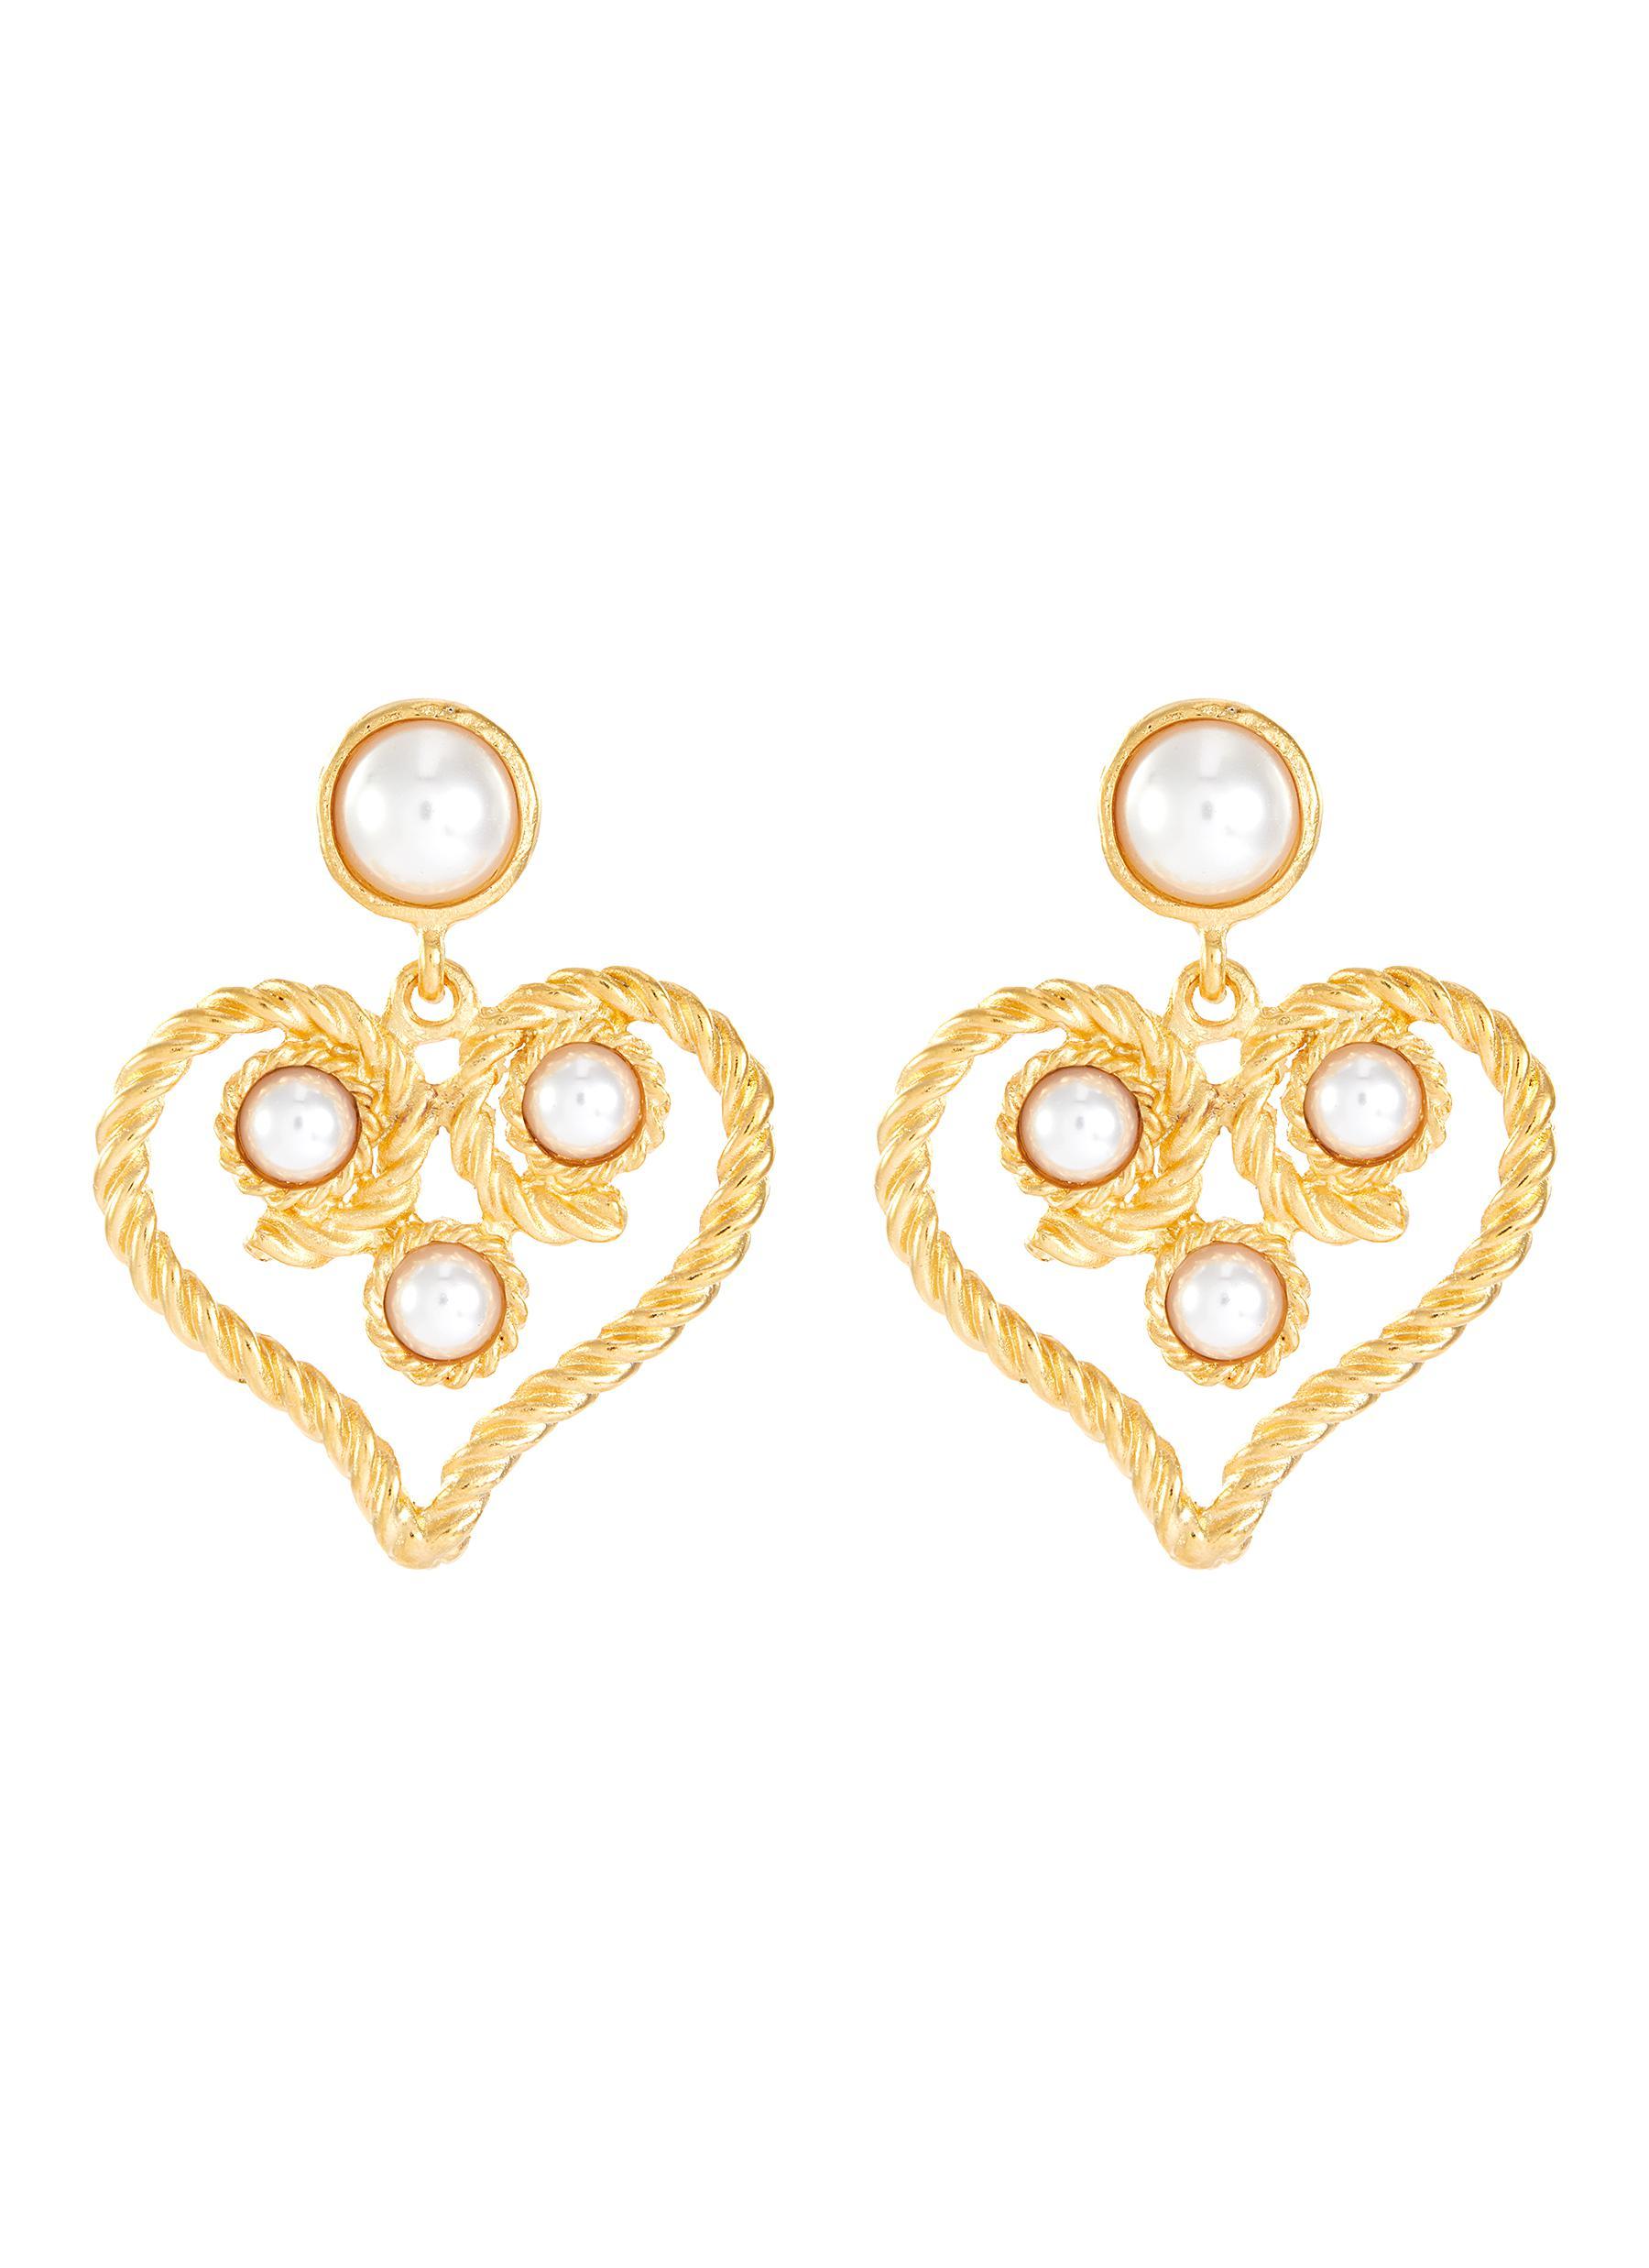 Kenneth Jay Lane Faux pearl embellished heart -shaped doorknocker clip earrings